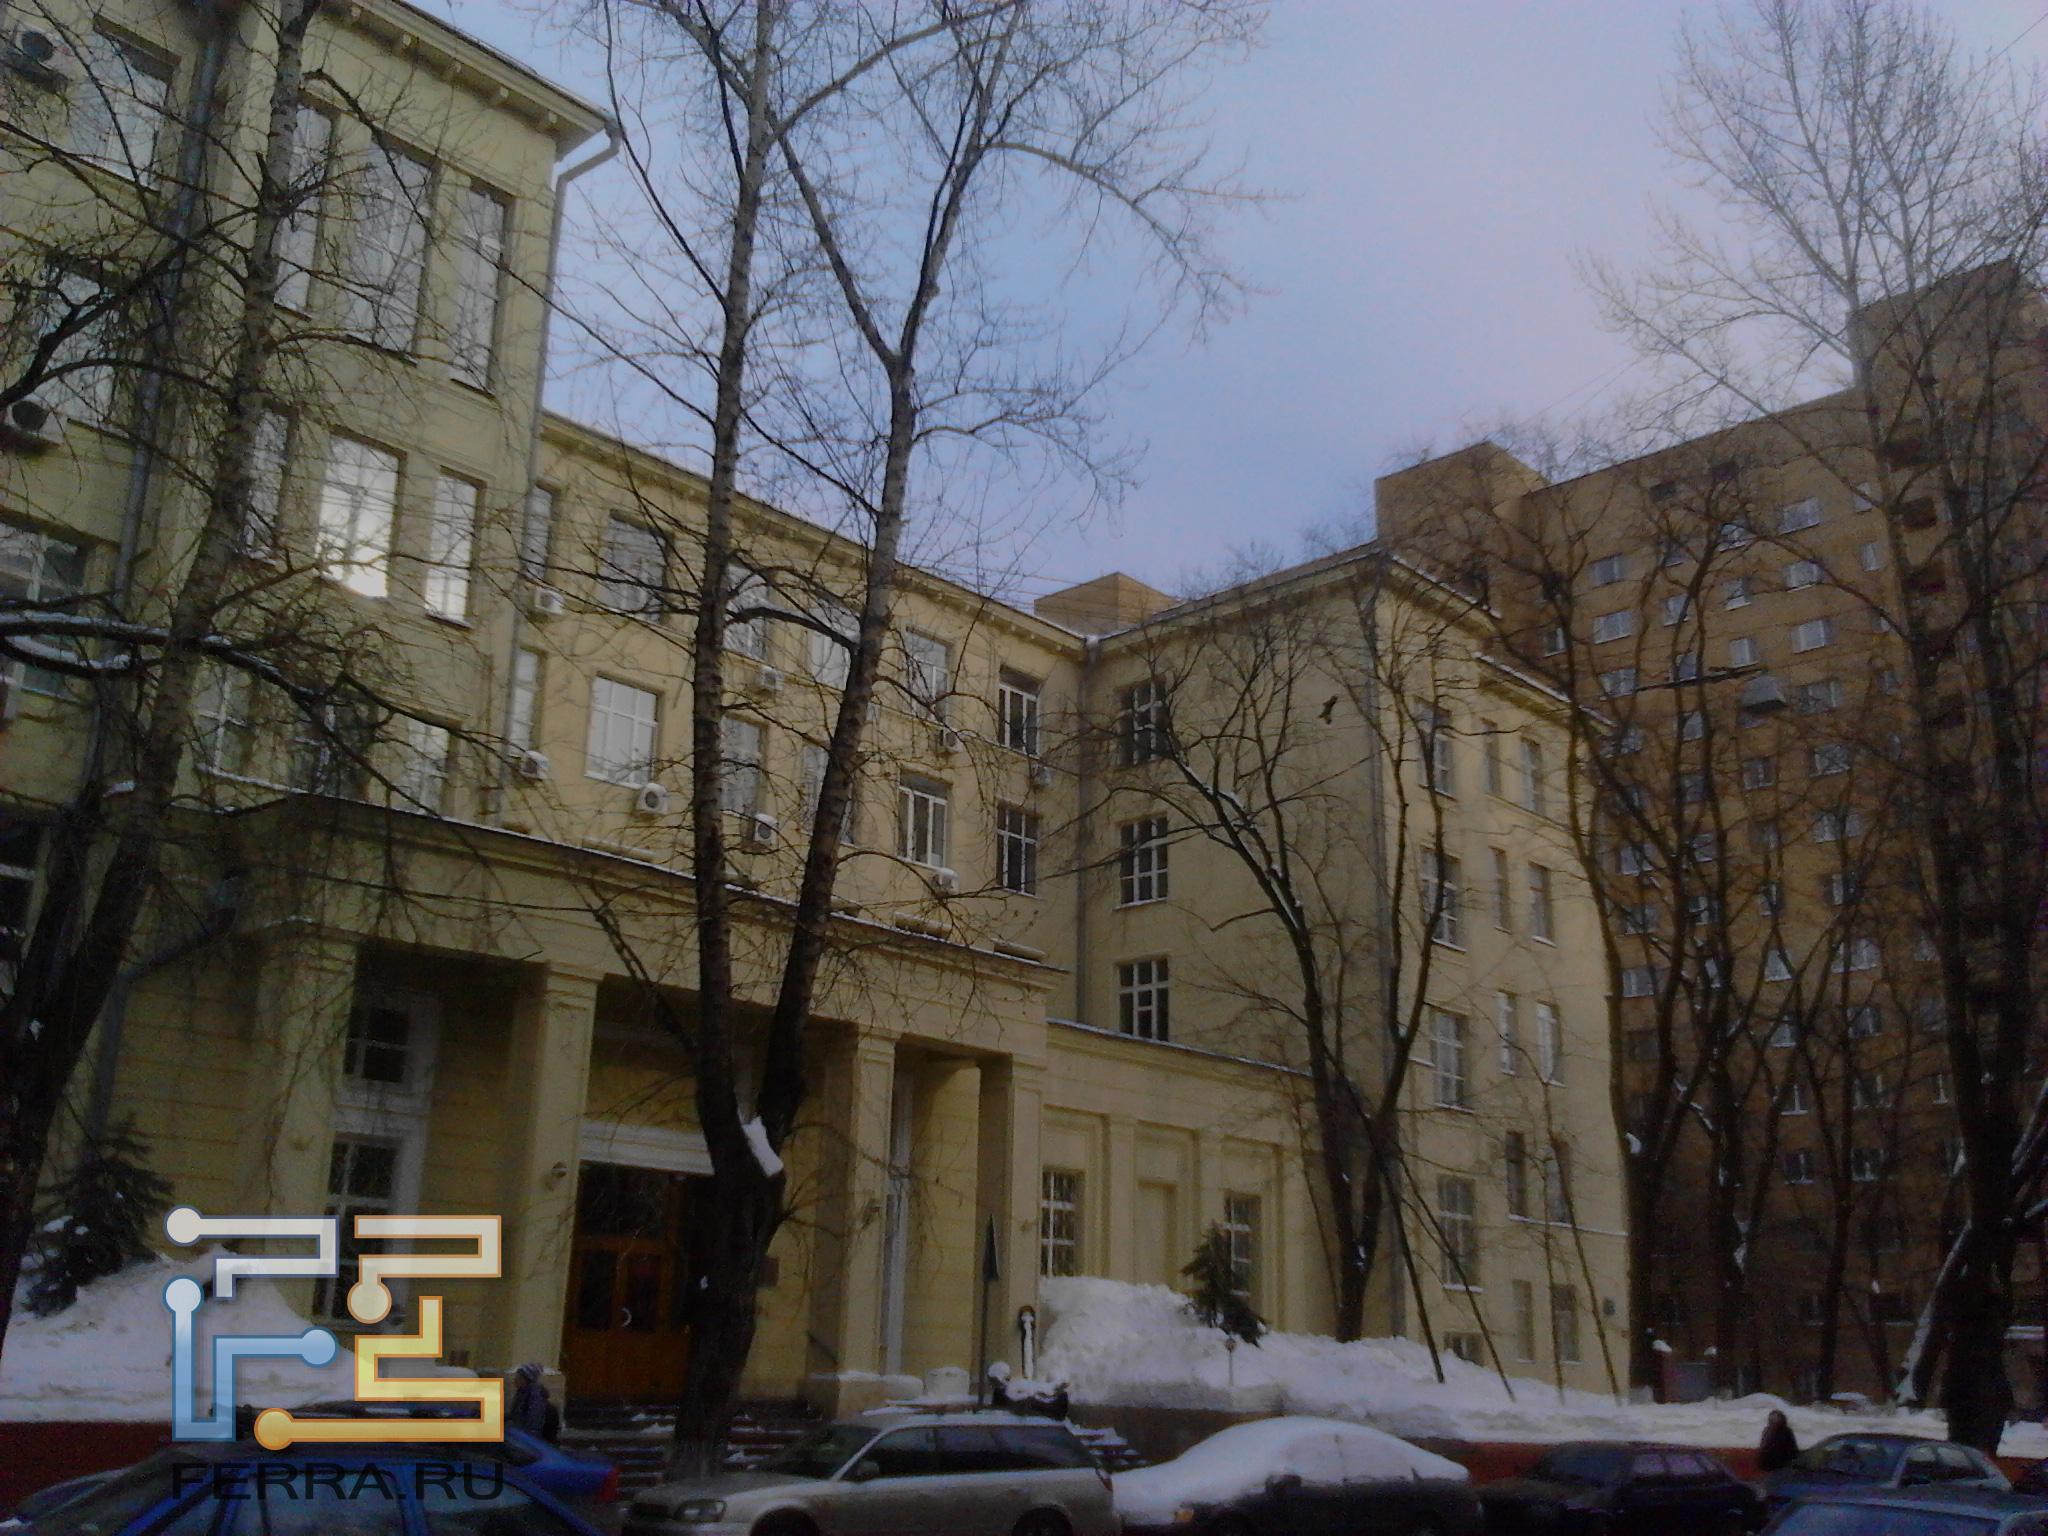 Скачать приложение торрент бесплатно на русском языке для андроид телефона